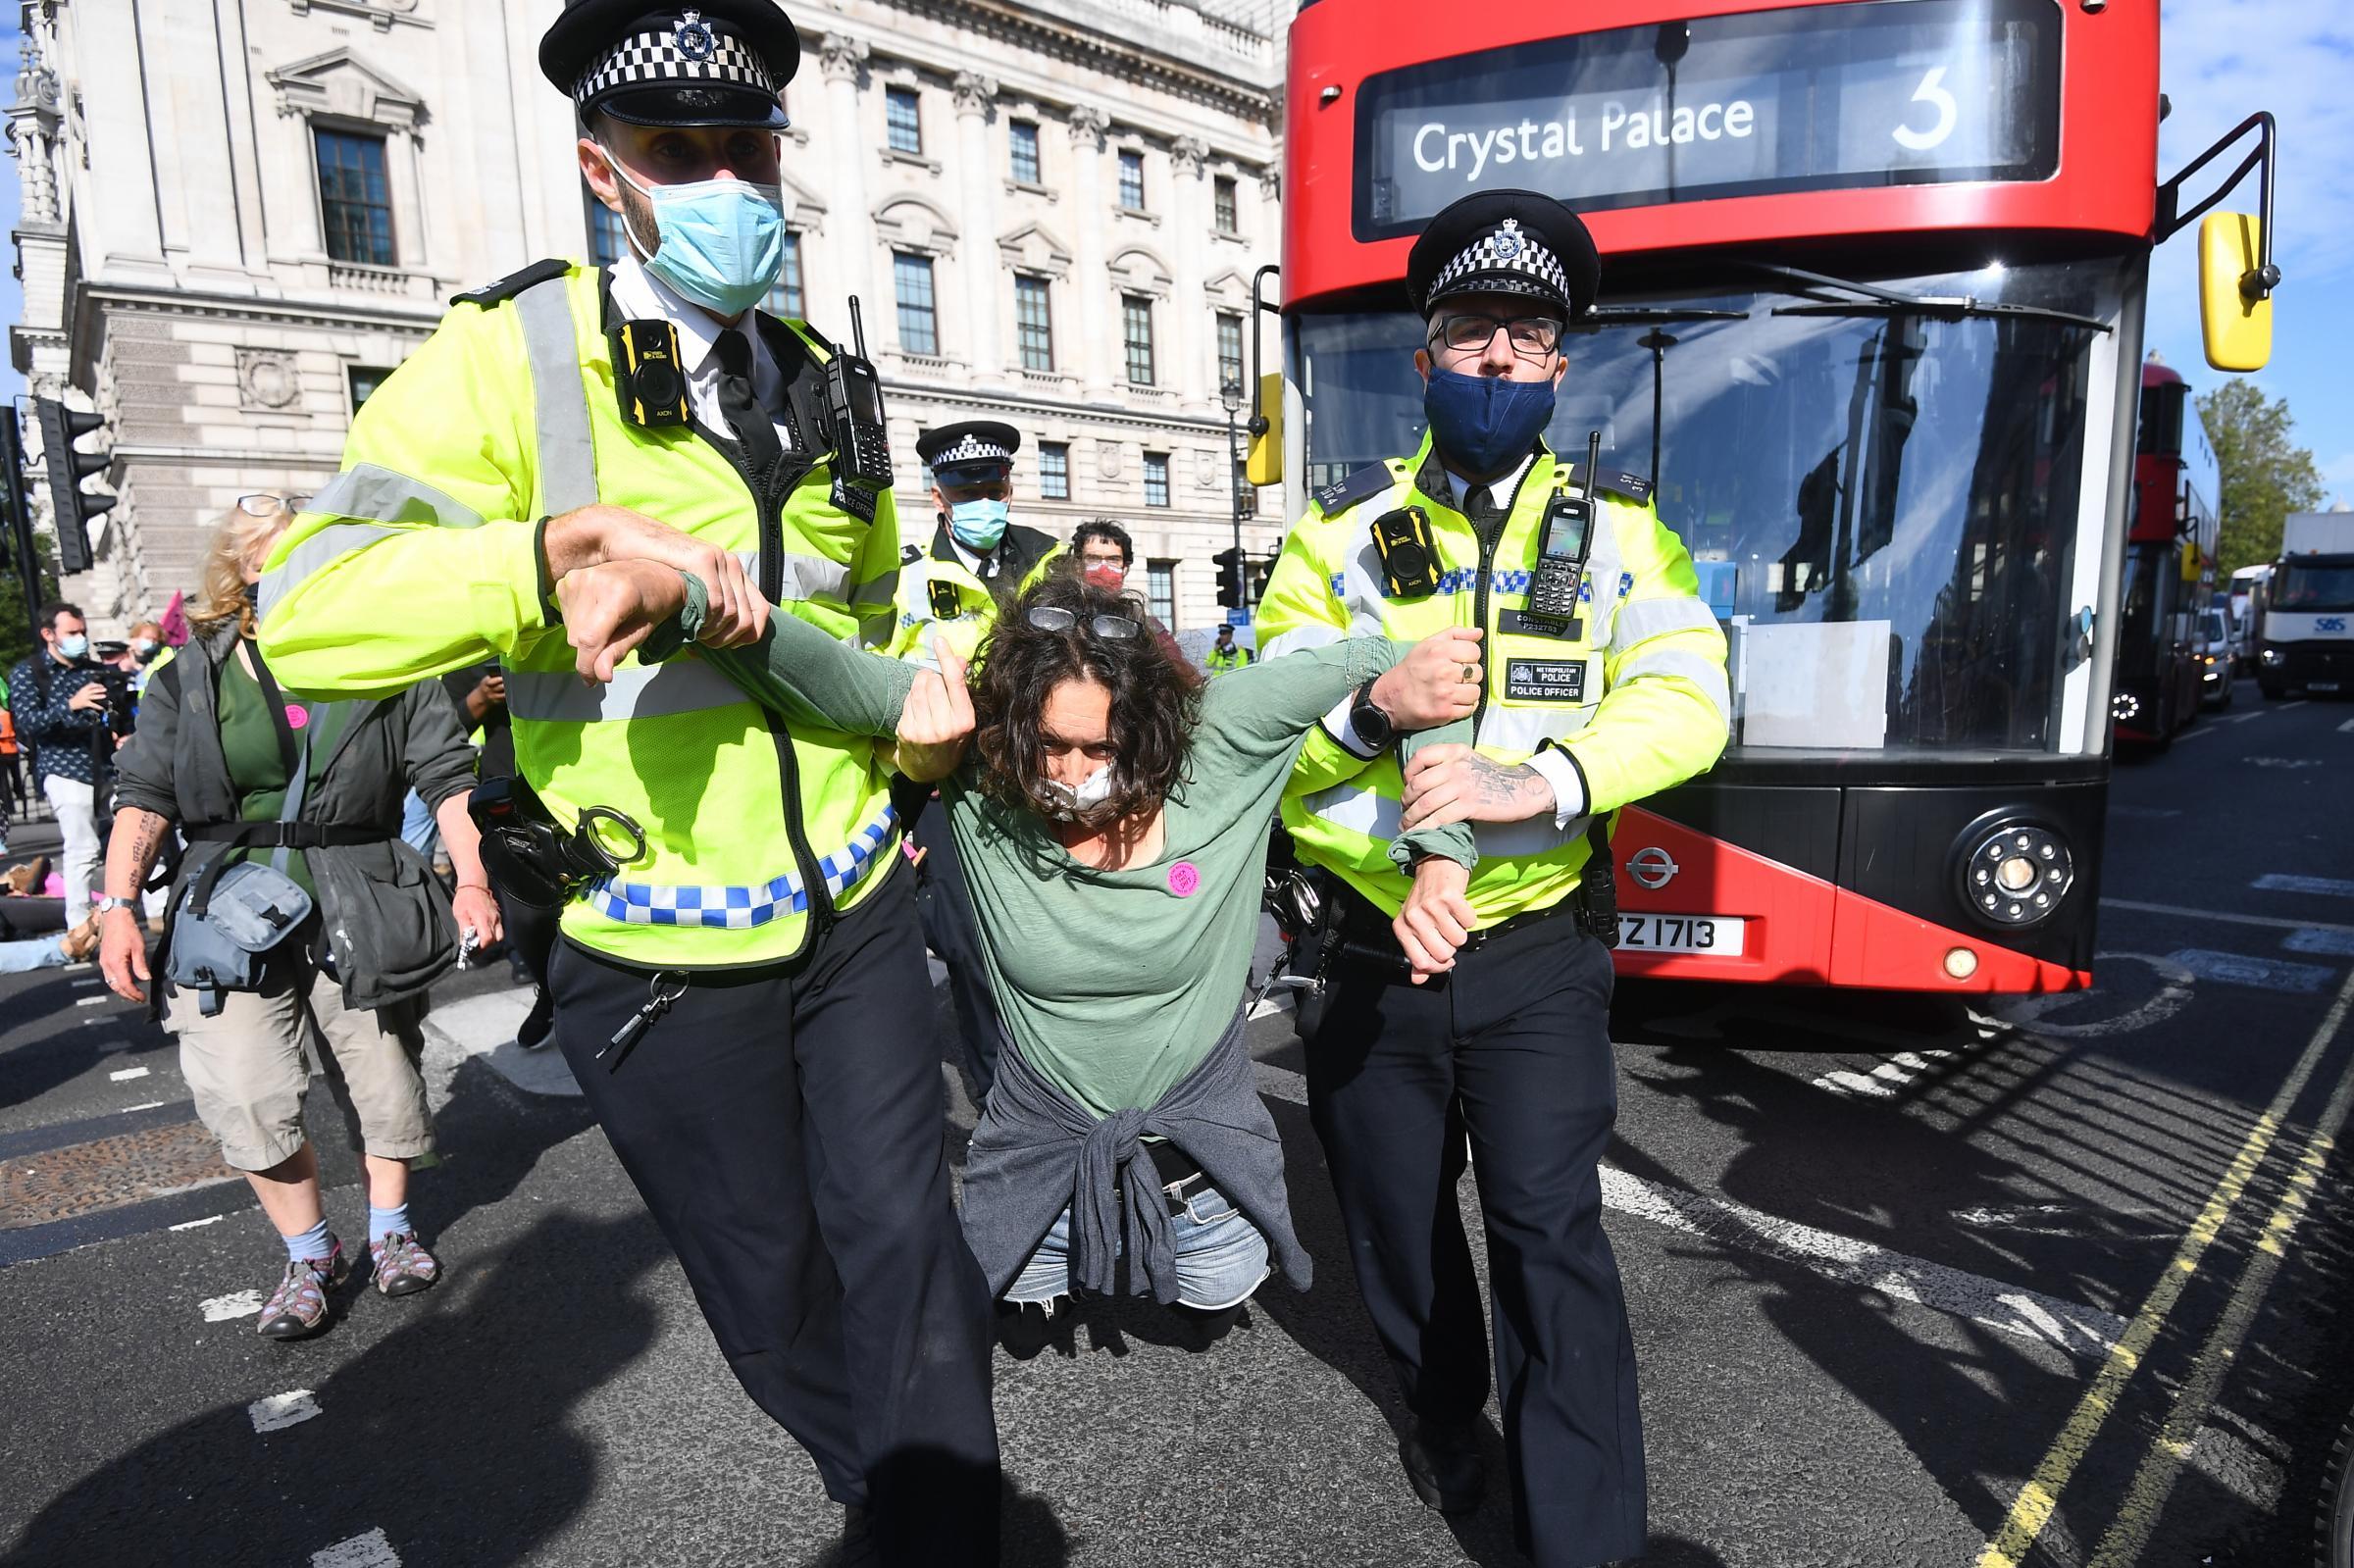 COP26: Extinction Rebellion memperingatkan 'tidak ada pilihan' atas gangguan Glasgow